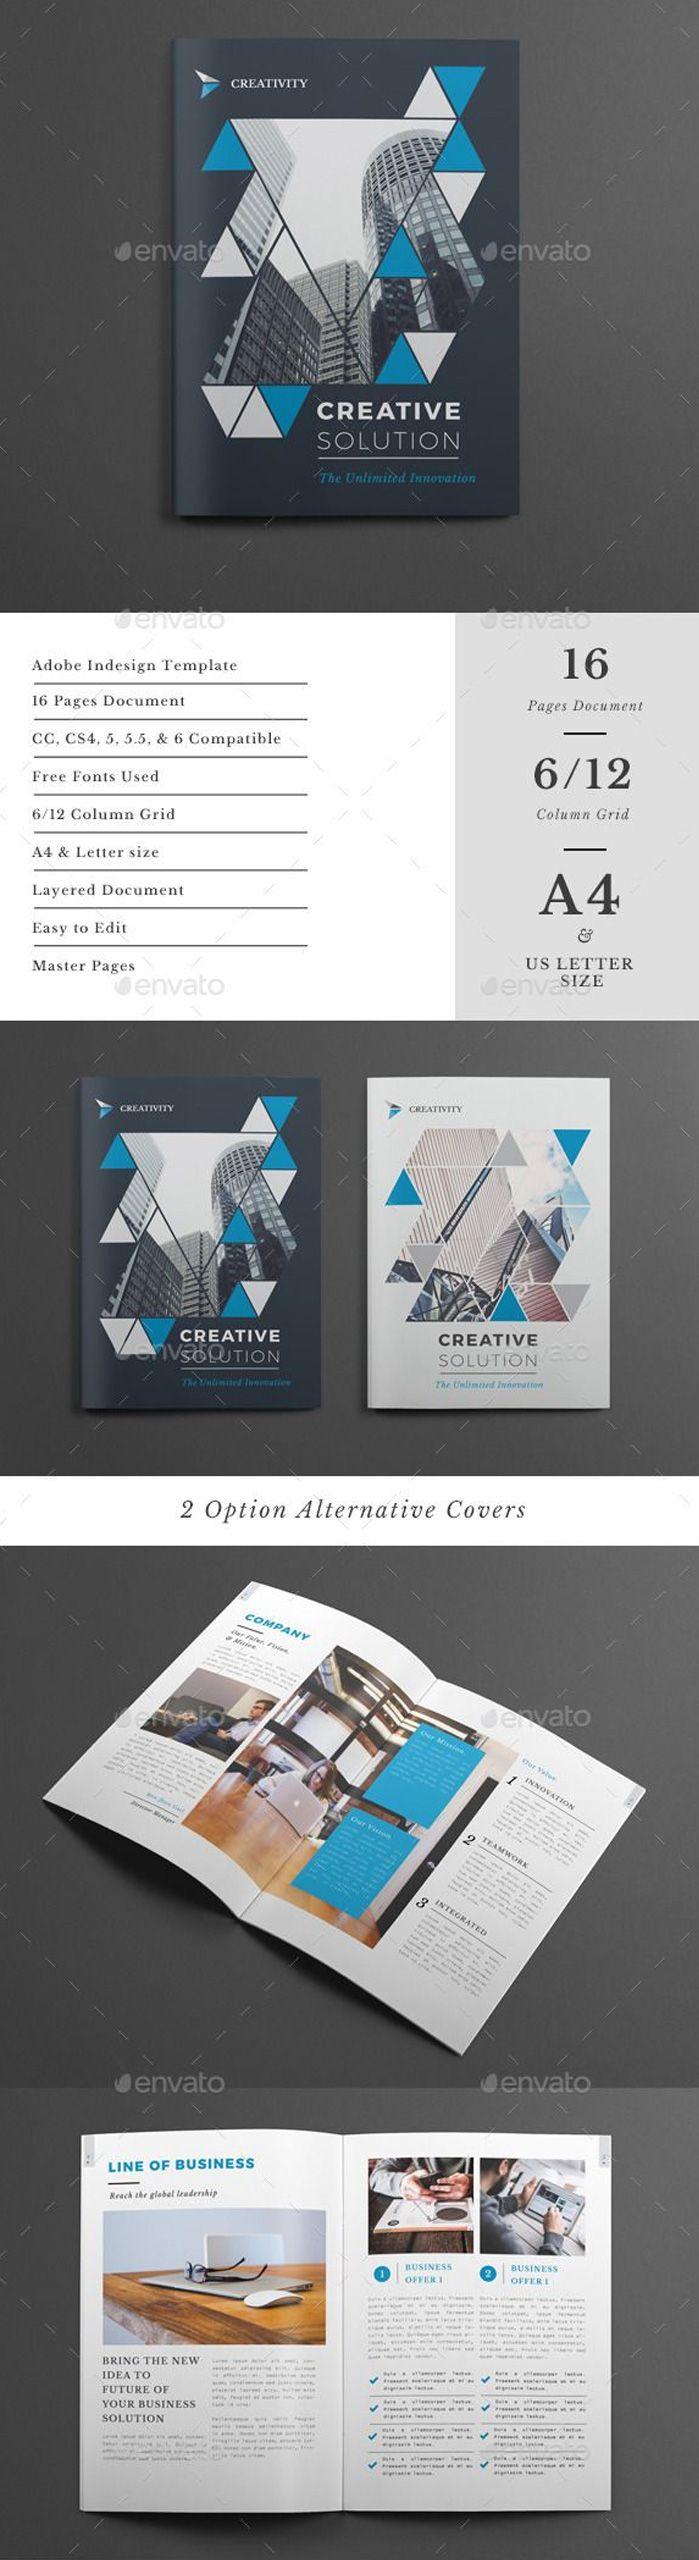 blog_diseño_grafico 4                                                                                                                                                                                 Más